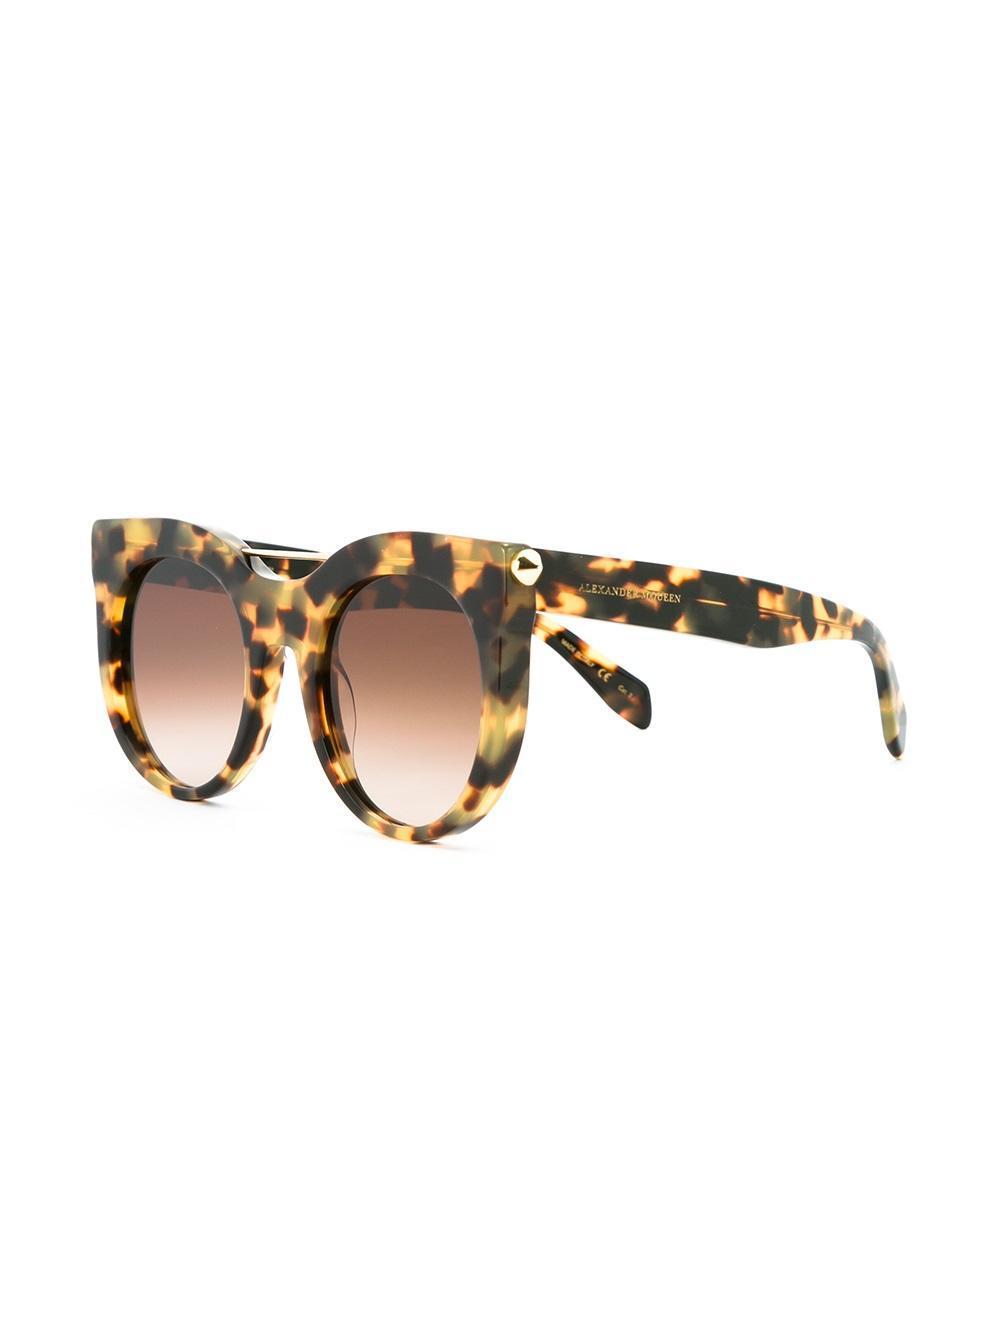 piercing bar round frame sunglasses - Nude & Neutrals Alexander McQueen Eyewear SkaSTj